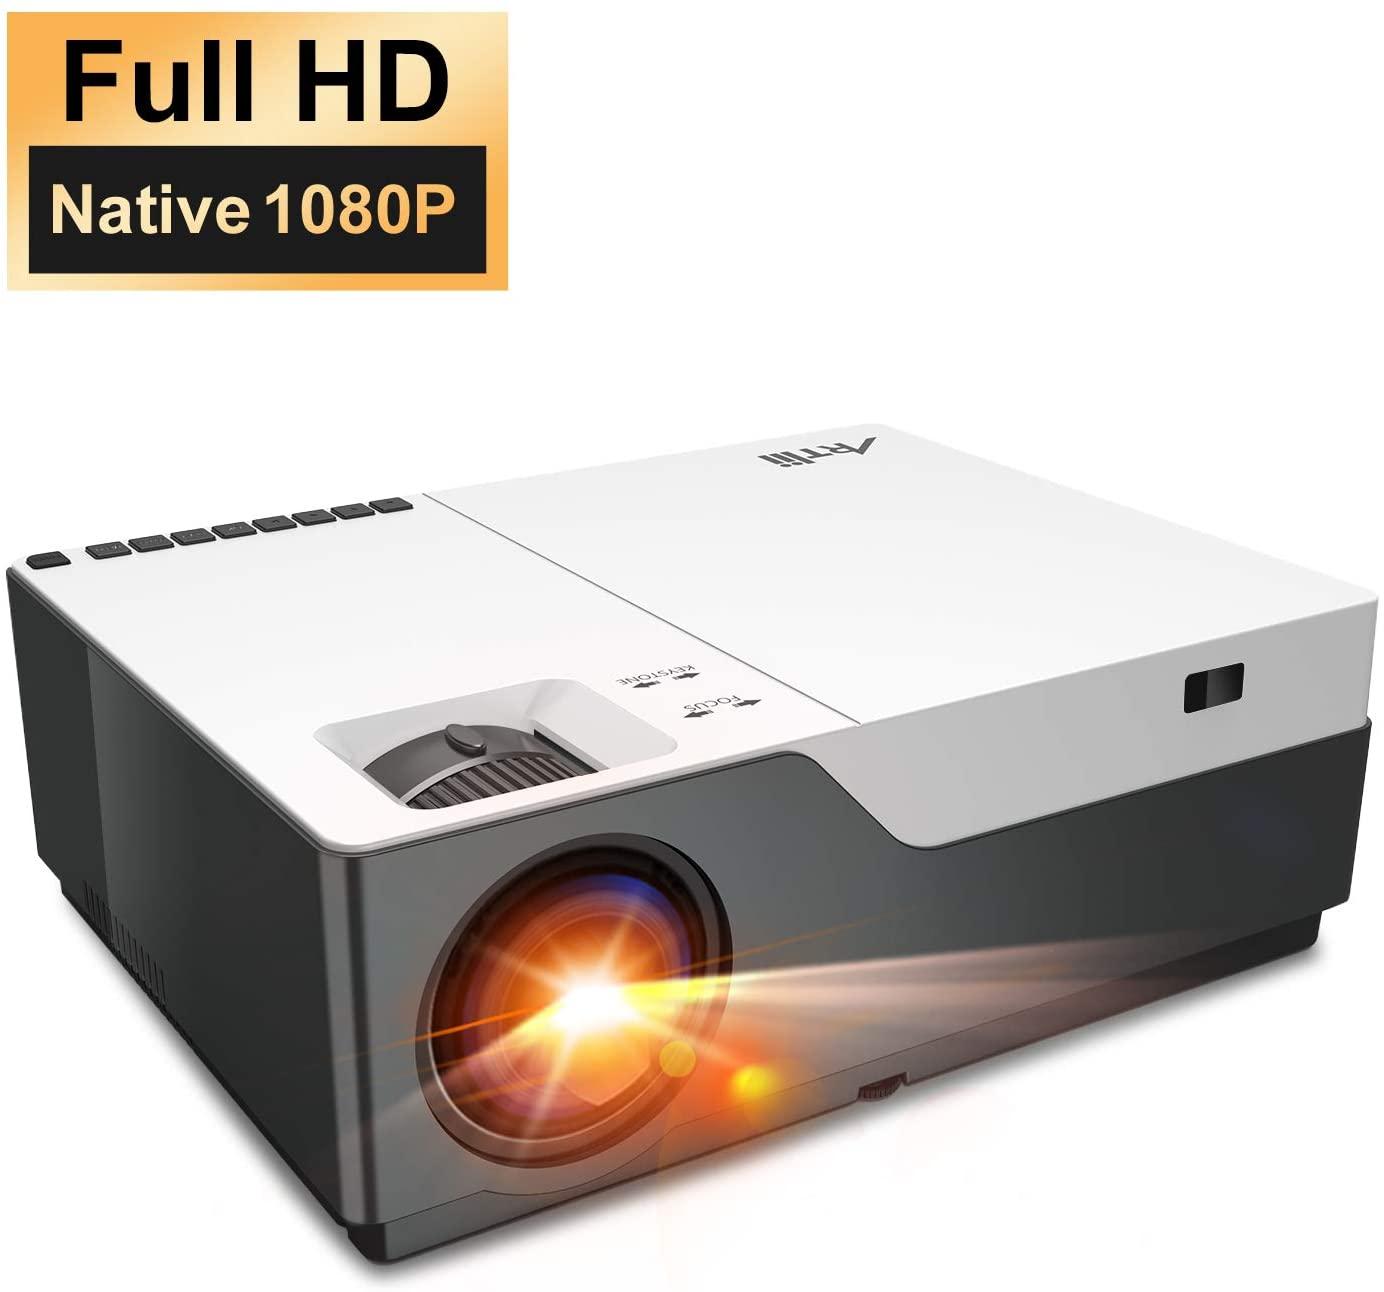 Proyector Artlii 6500 Lúmenes FHD 1080P. Oferta Flash